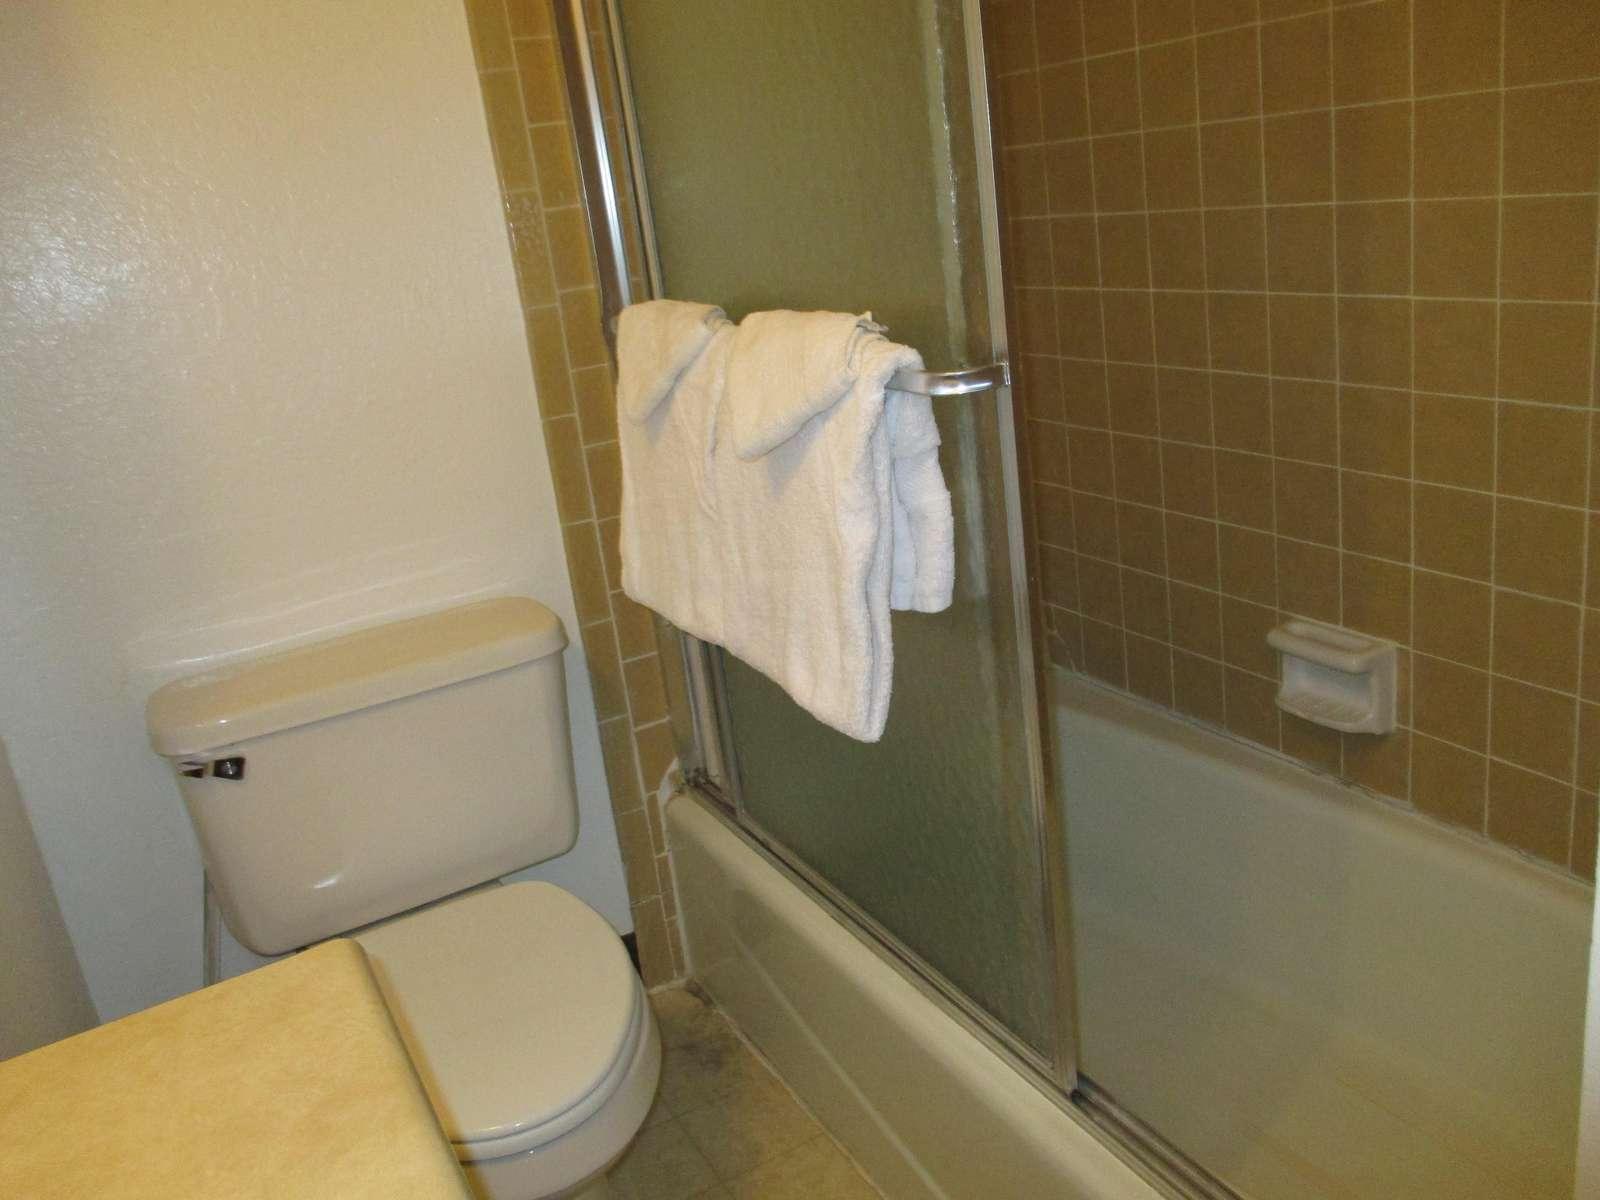 Shower/tub.